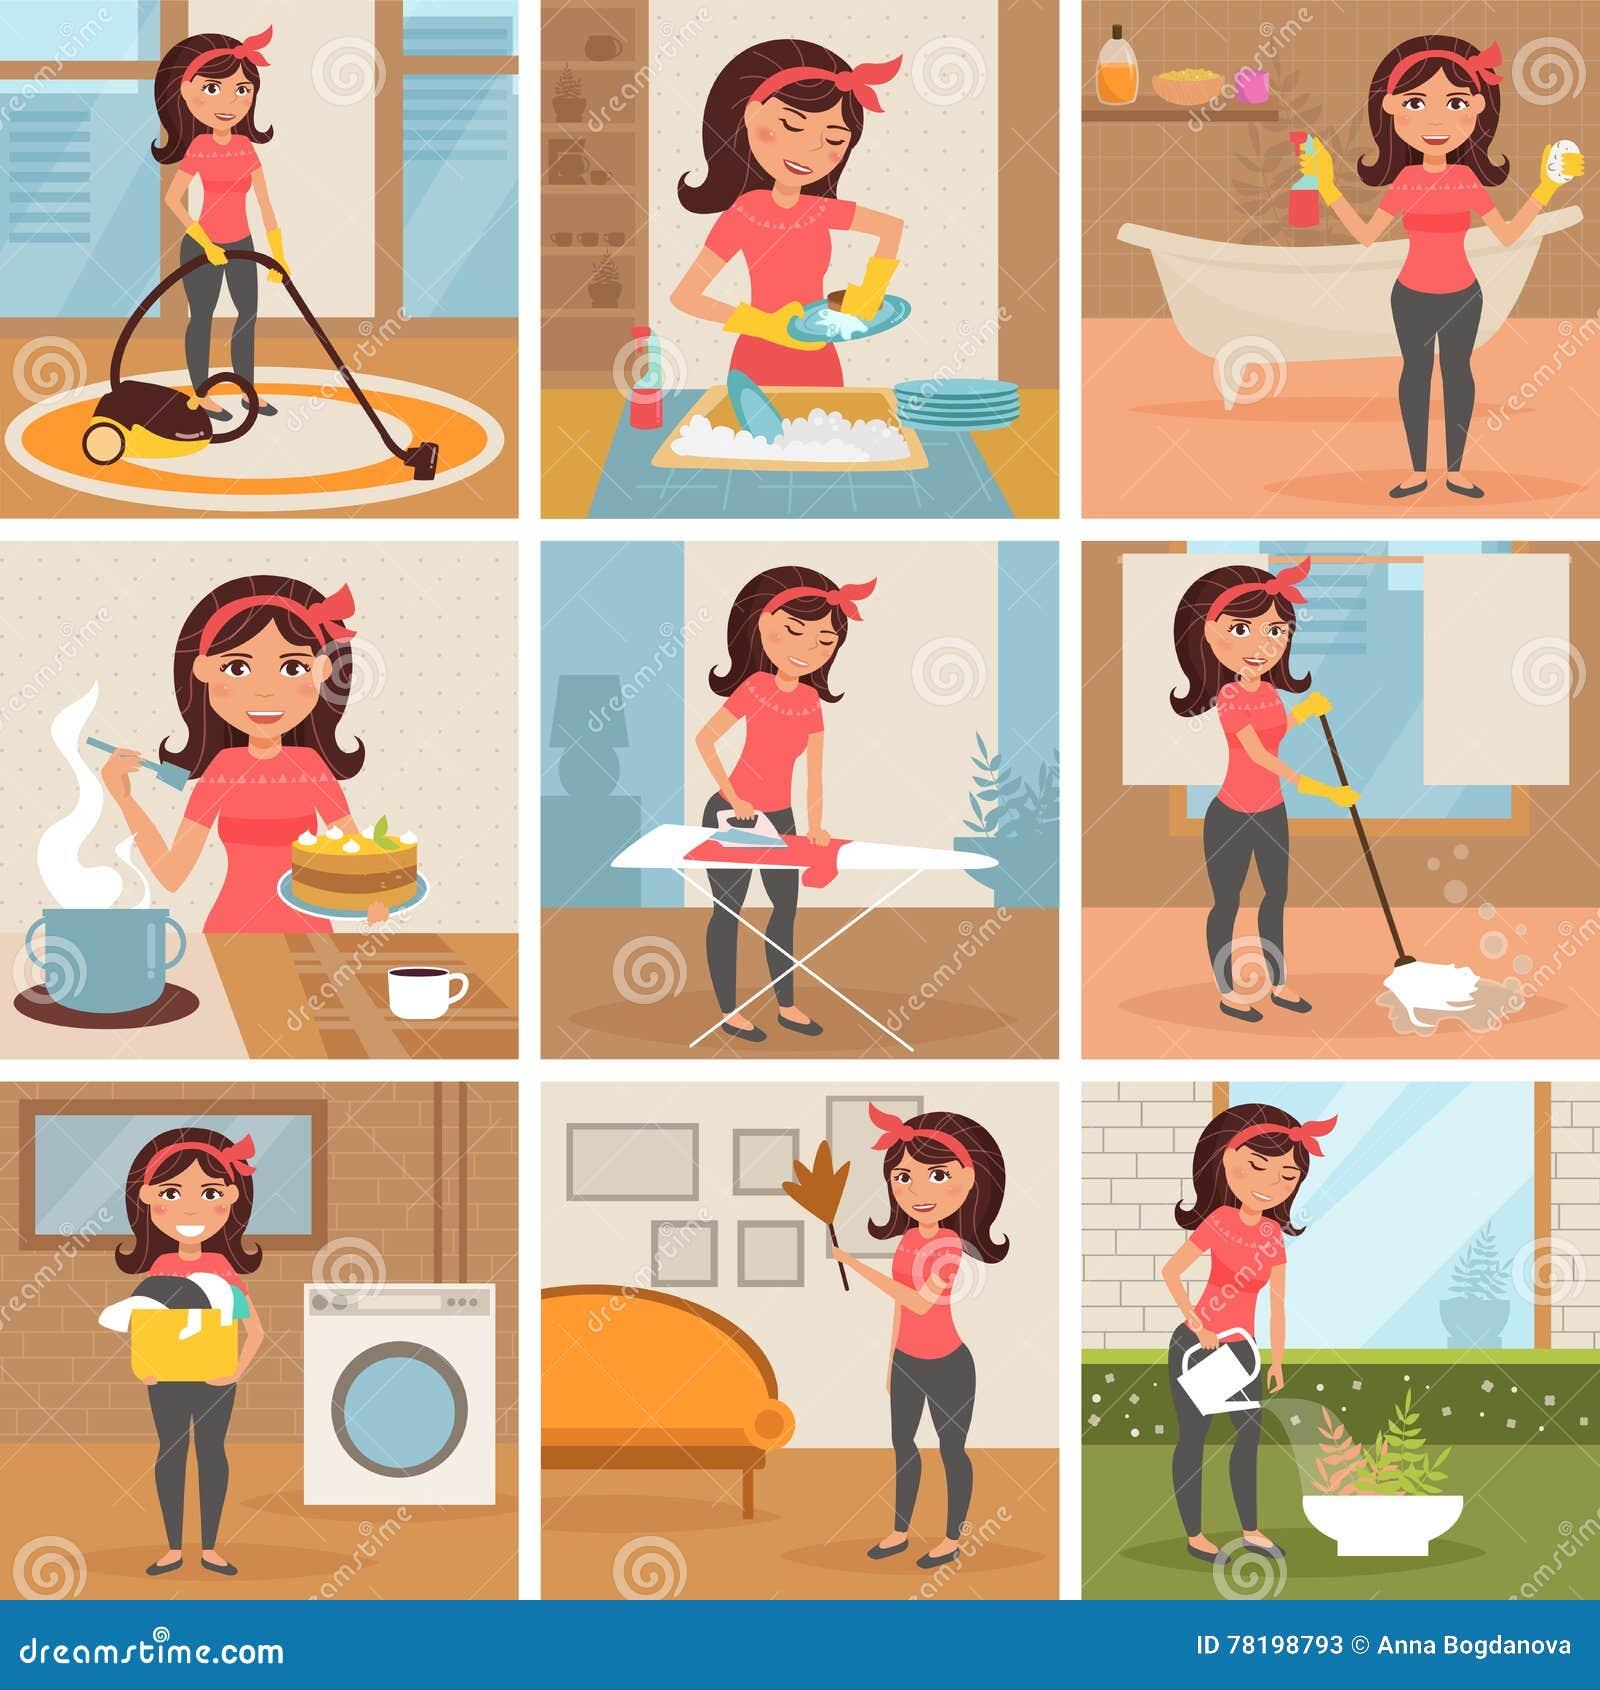 Casa de limpieza trendy a quin contratar para limpiar una - Limpieza en casa ...